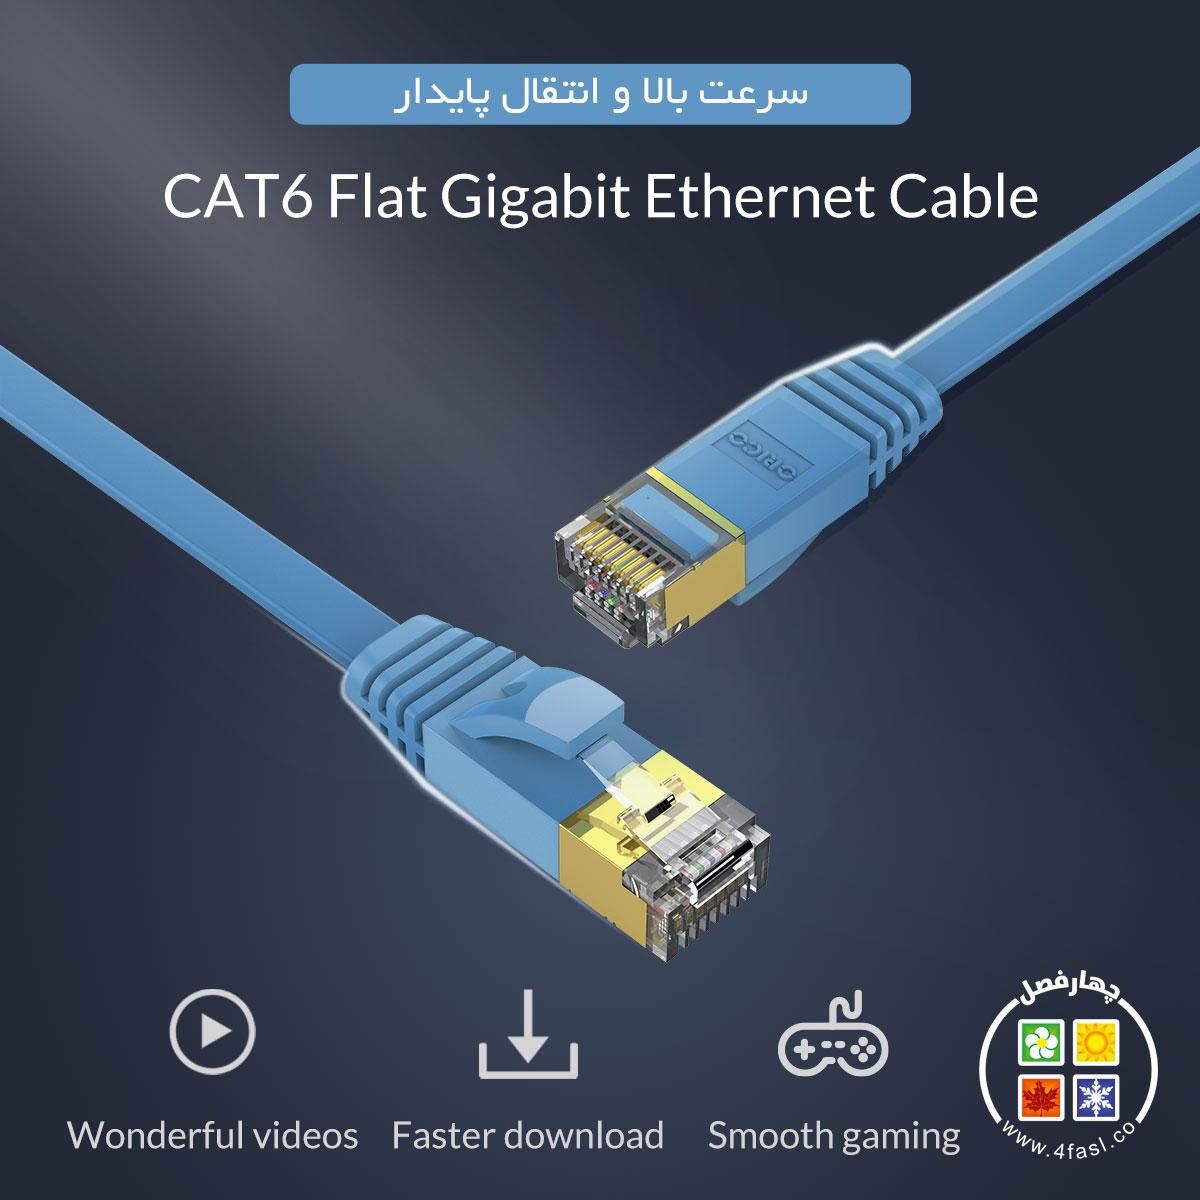 کابل شبکه Cat6 تخت